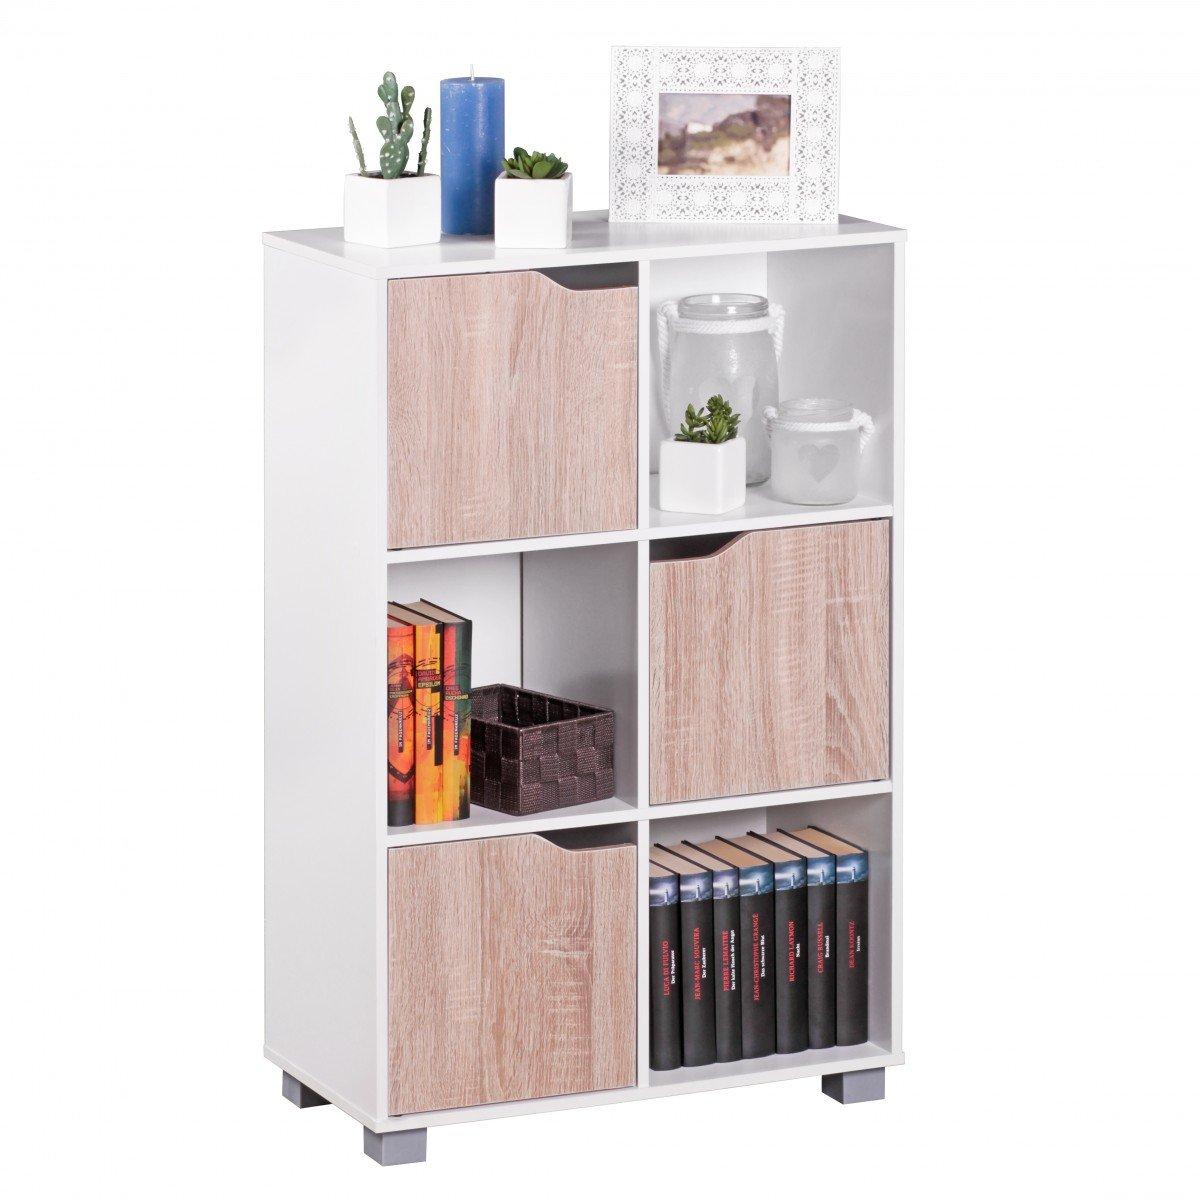 Libreria design bianco SAMO legno moderno con ante in rovere di Sonoma in piedi scaffalature freestanding 6 scomparti 60x90x30cm KADIMA DESIGN